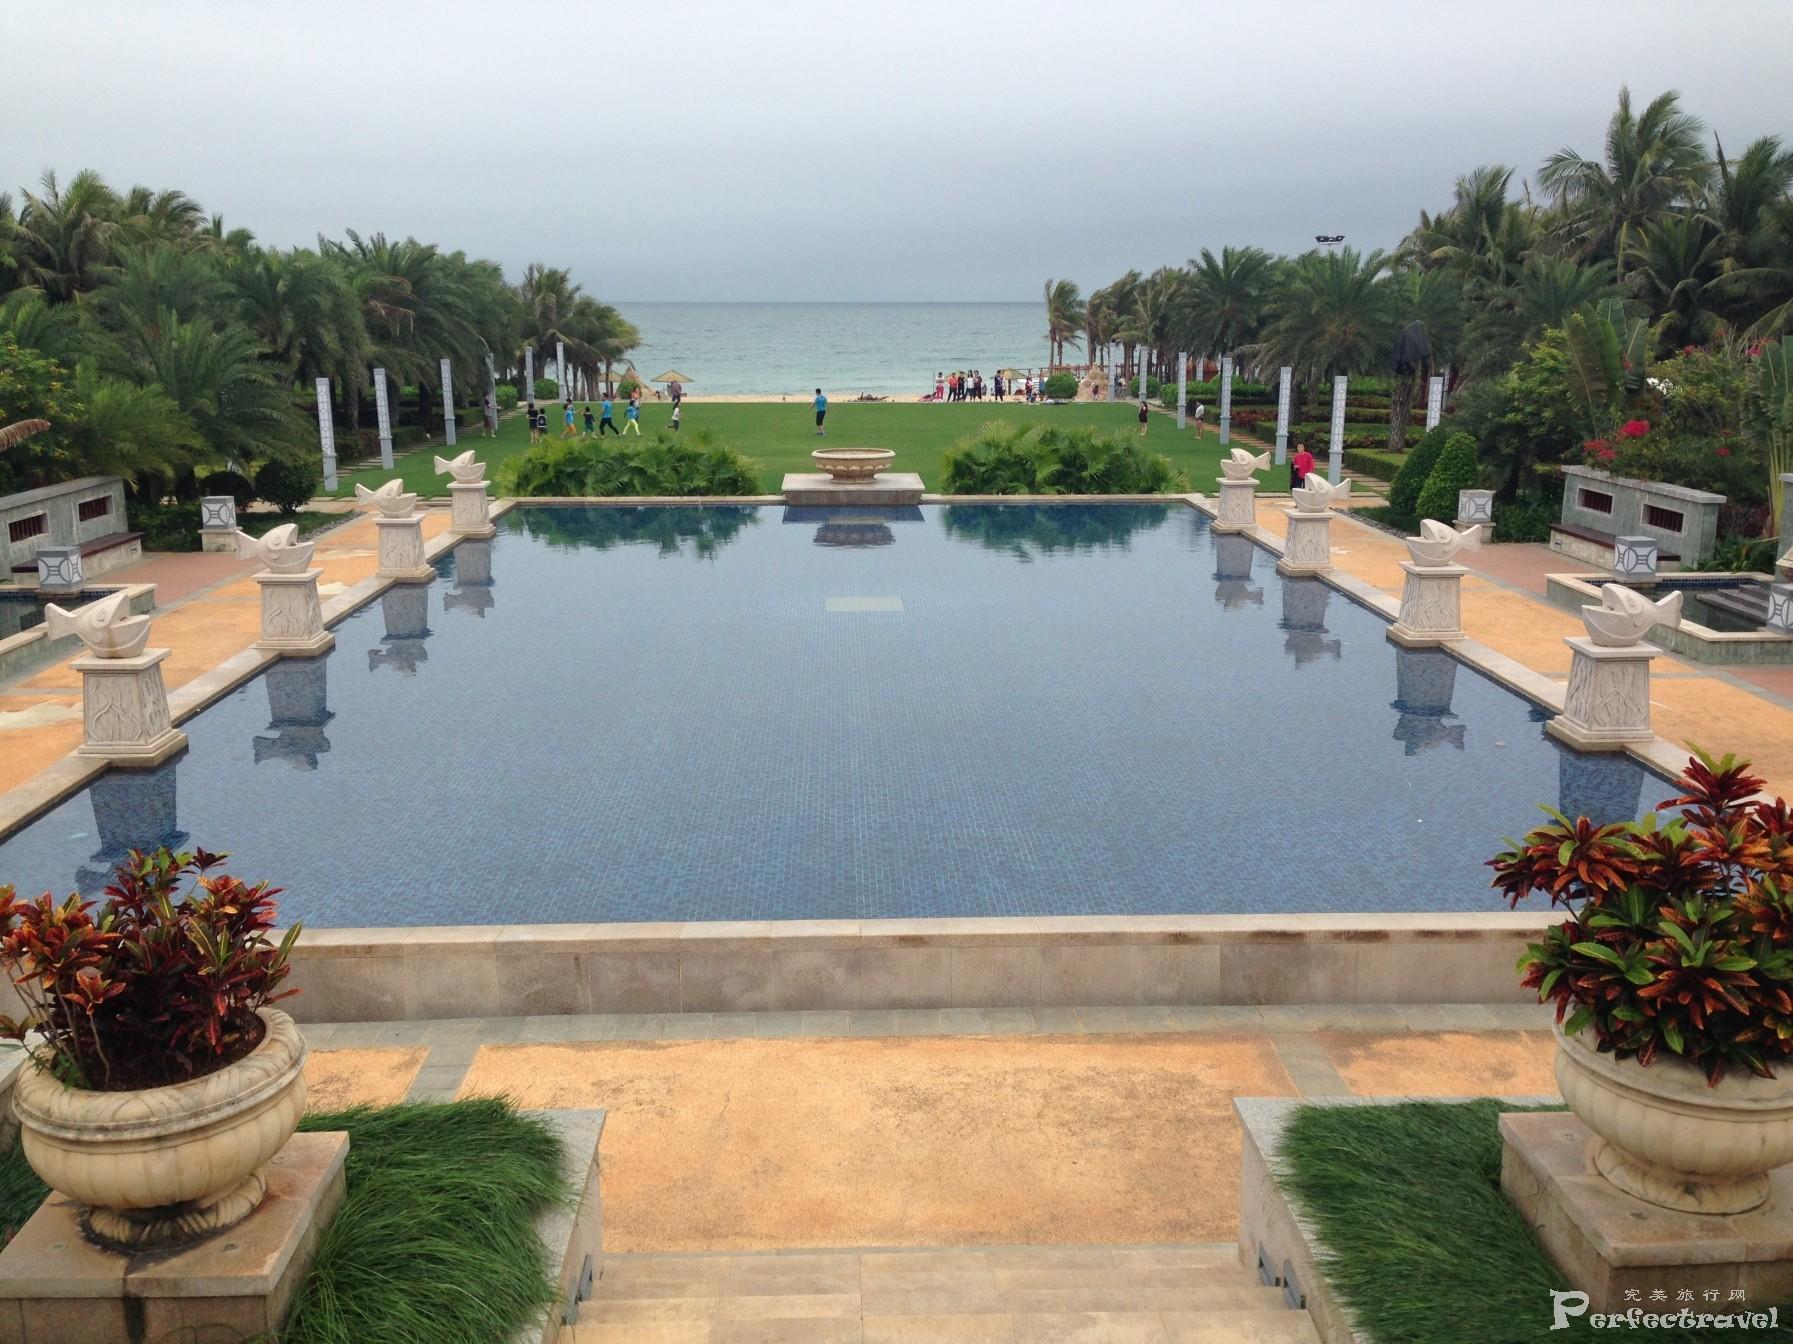 扒一扒海南香水湾富力万豪度假酒店(即将于今年开业) - 完美旅行Perfectravel - 完美旅行Perfectravel的博客